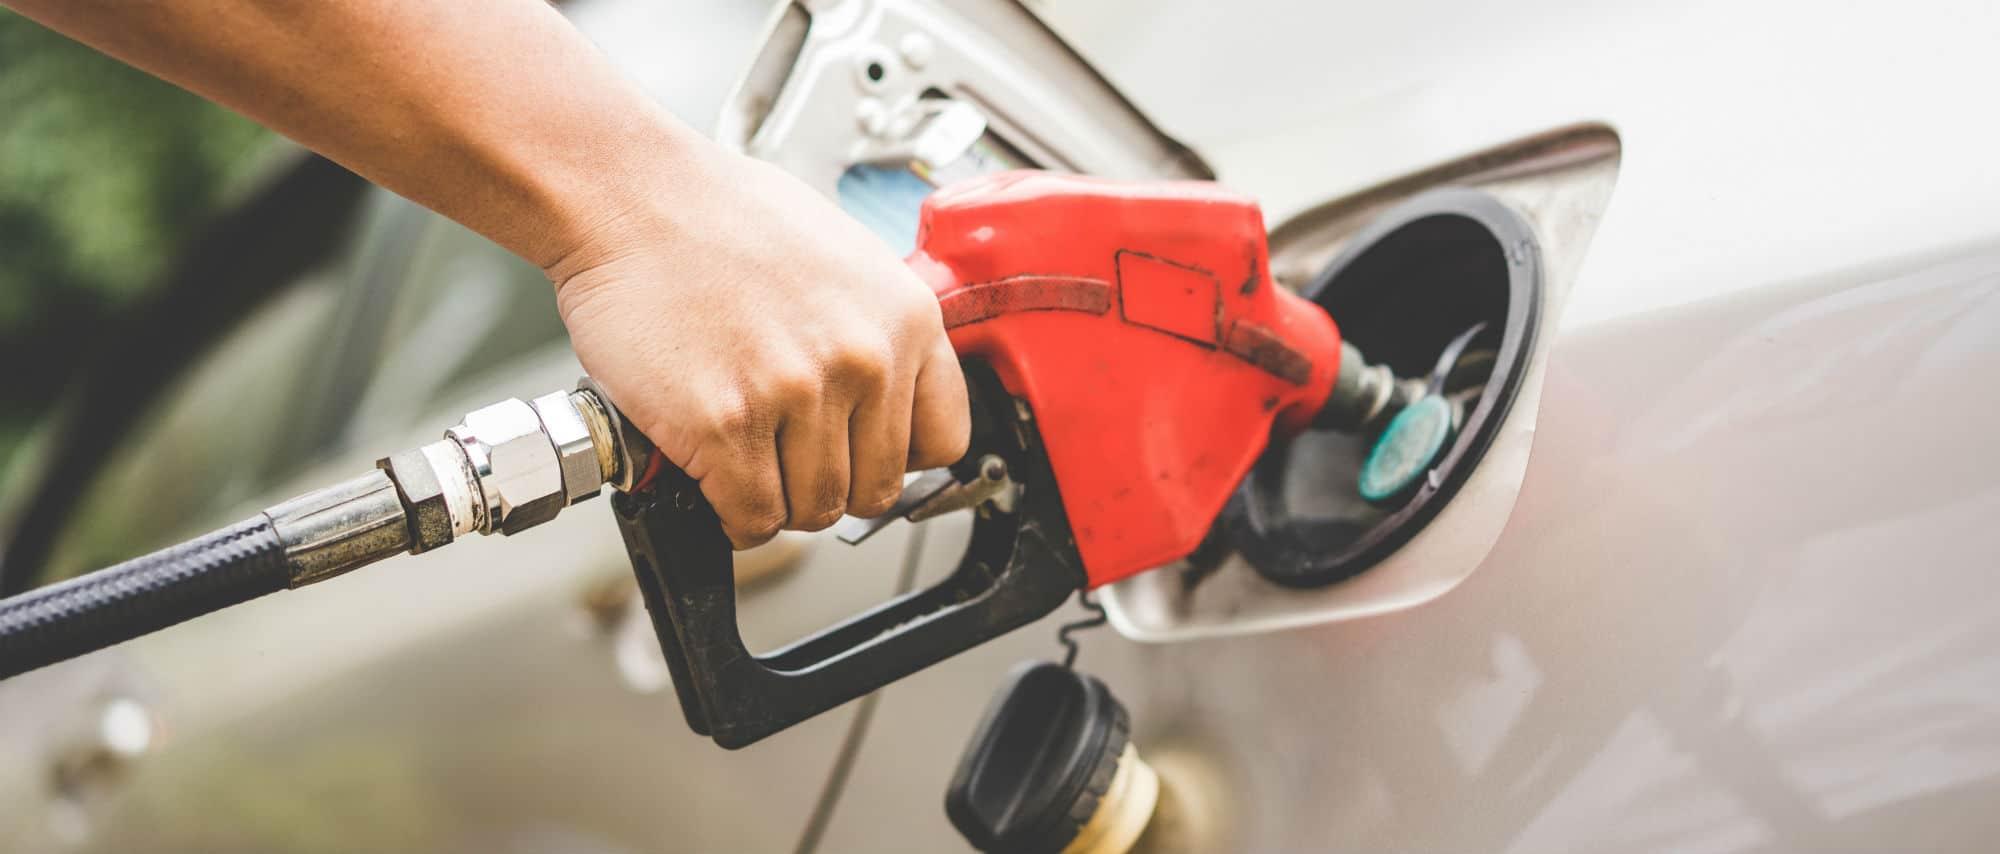 Combien coûte l'essence en France ?